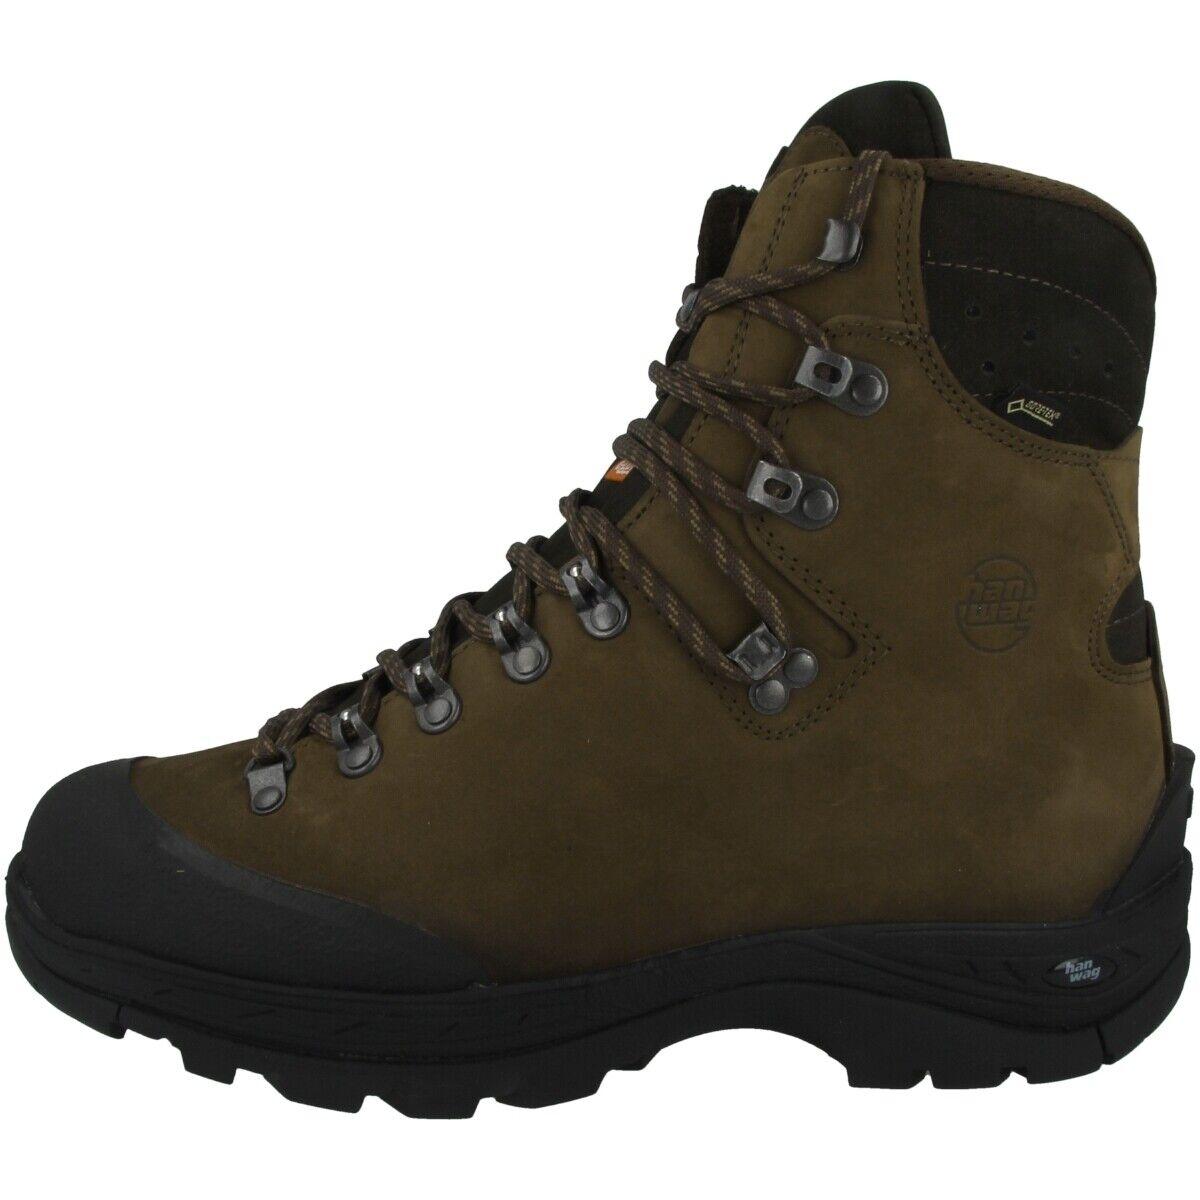 Gore-Tex Al  aire libre botas Hanwag Alaska GTX invierno zapatos de hombres marrón 45110-56  Envíos y devoluciones gratis.